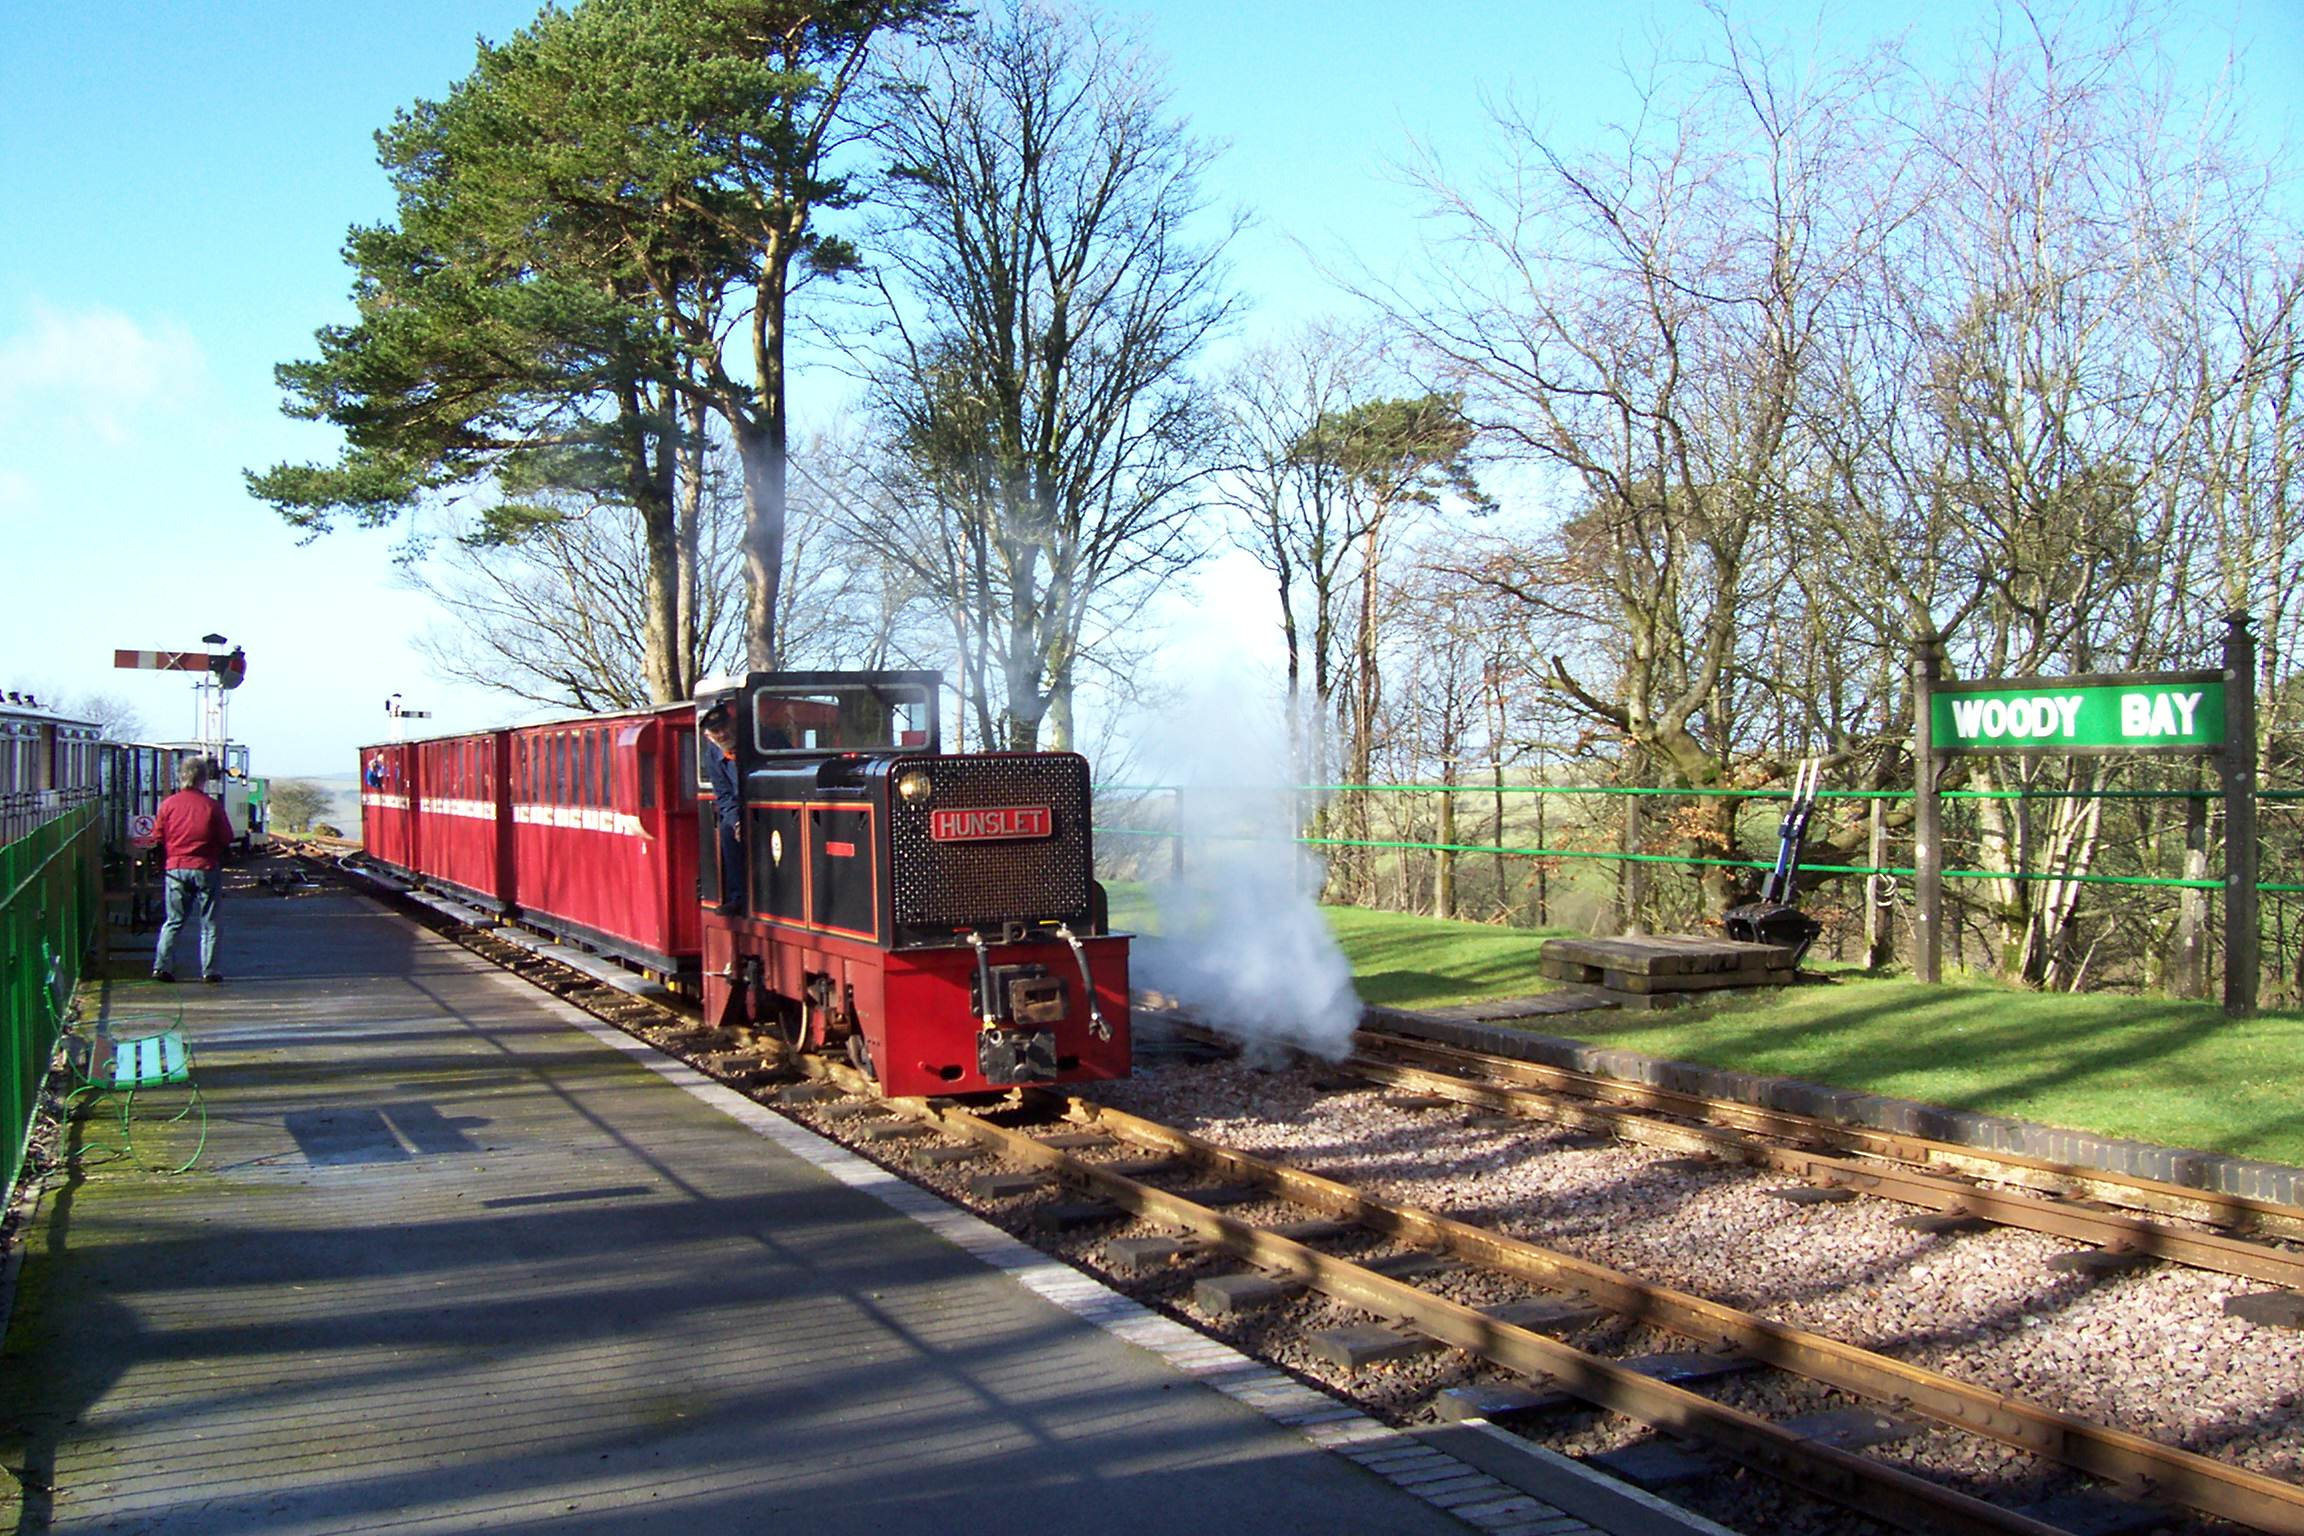 Diesel at Woody Bay